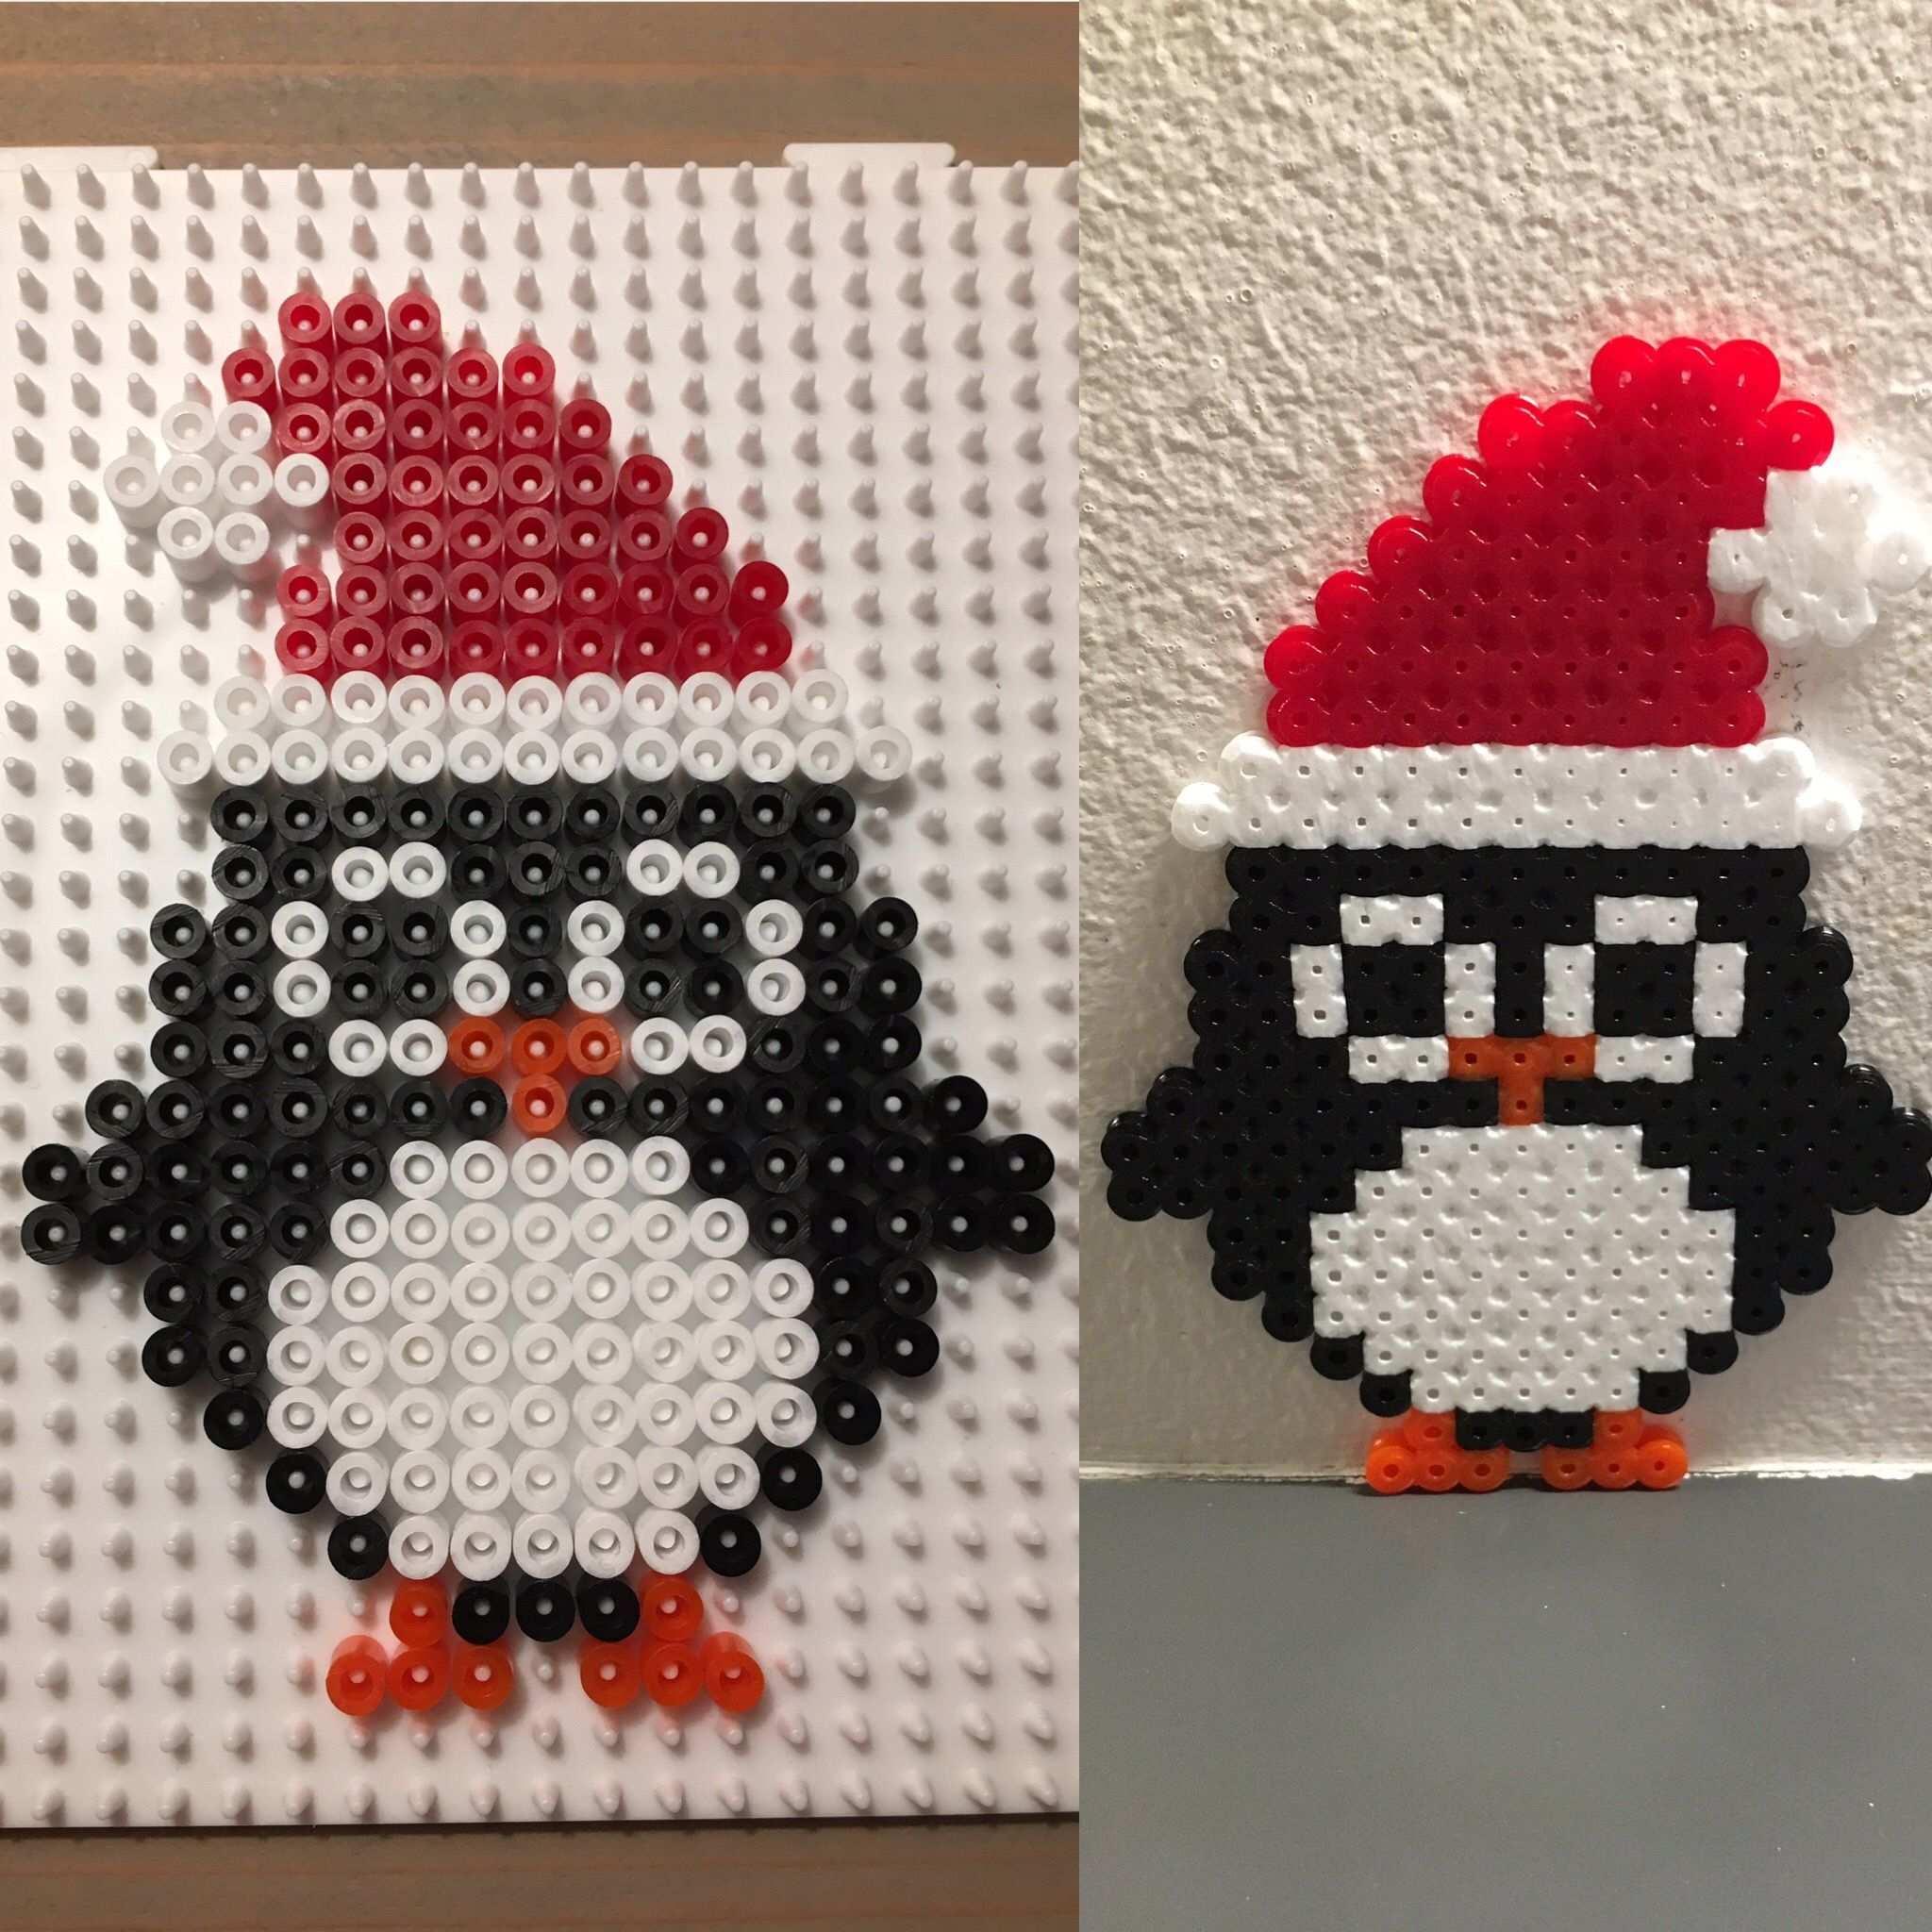 Julepingvin Julepynt Juleperler Pingvin Hamaperler Perler Christmas Perler Beads Hama Beads Christmas Christmas Bead